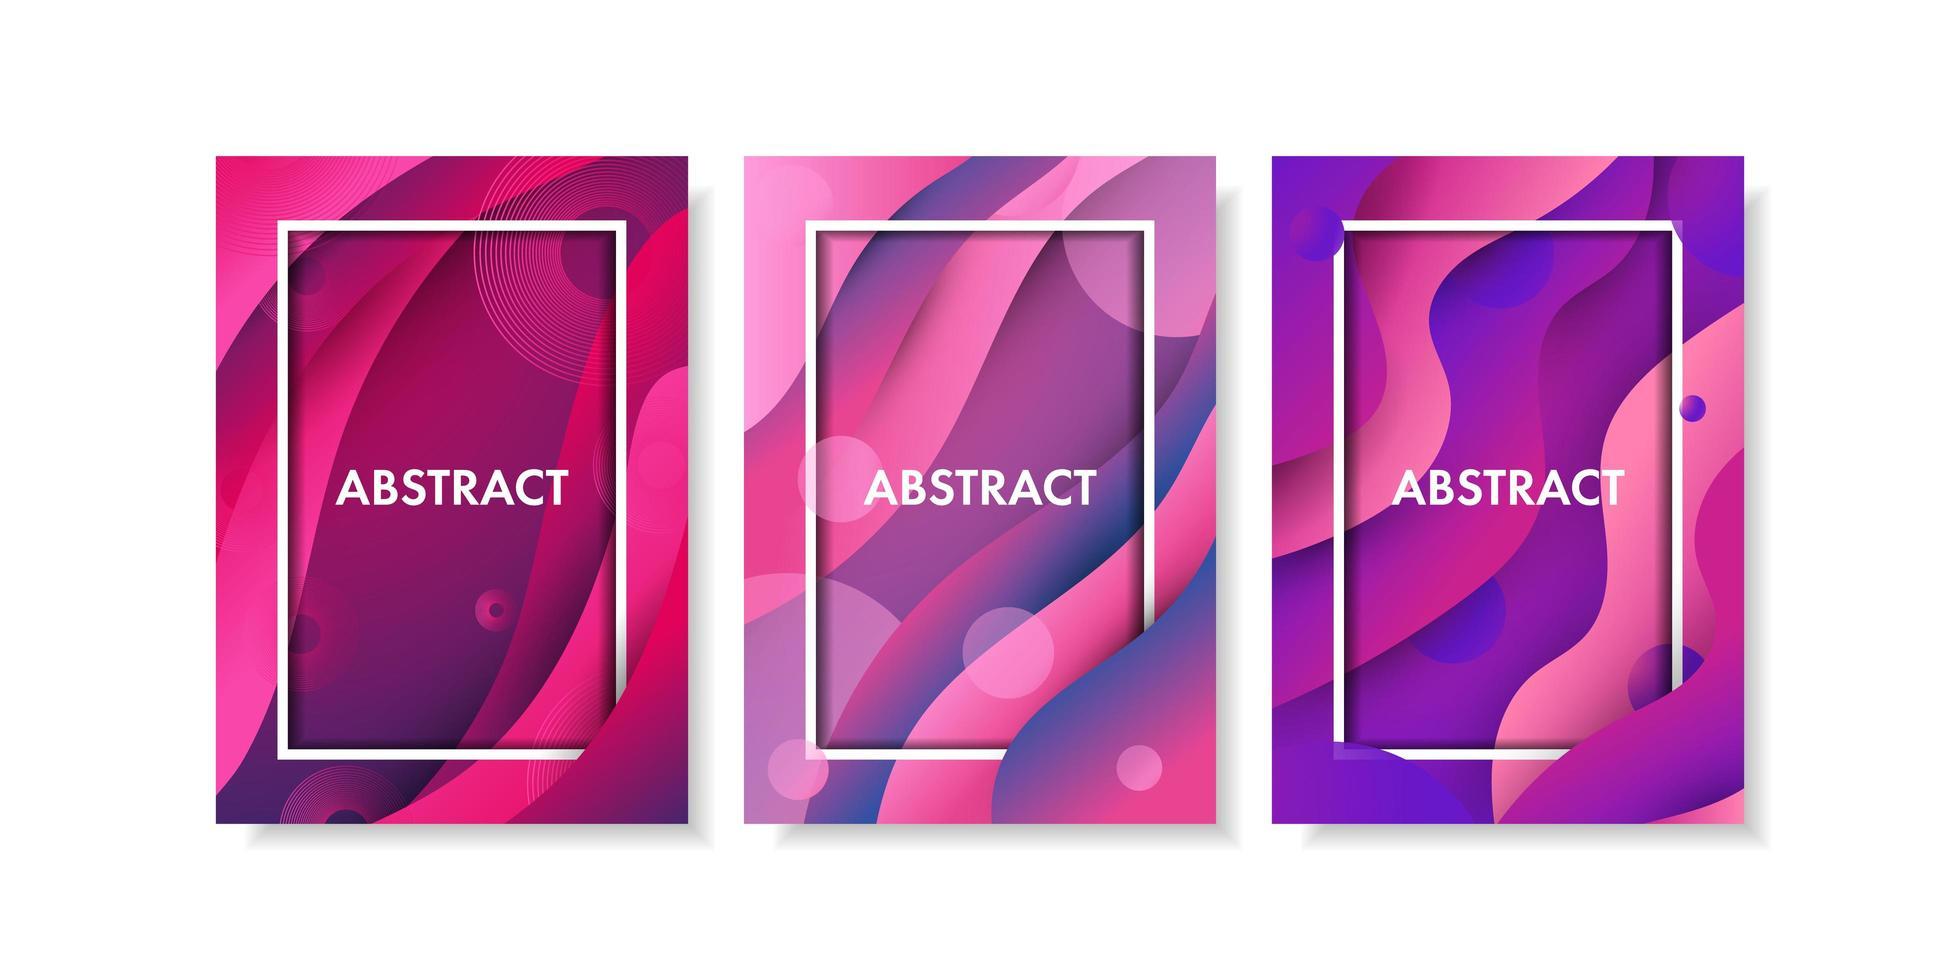 conjunto de forma fluida degradado rosa y púrpura abstracto vector